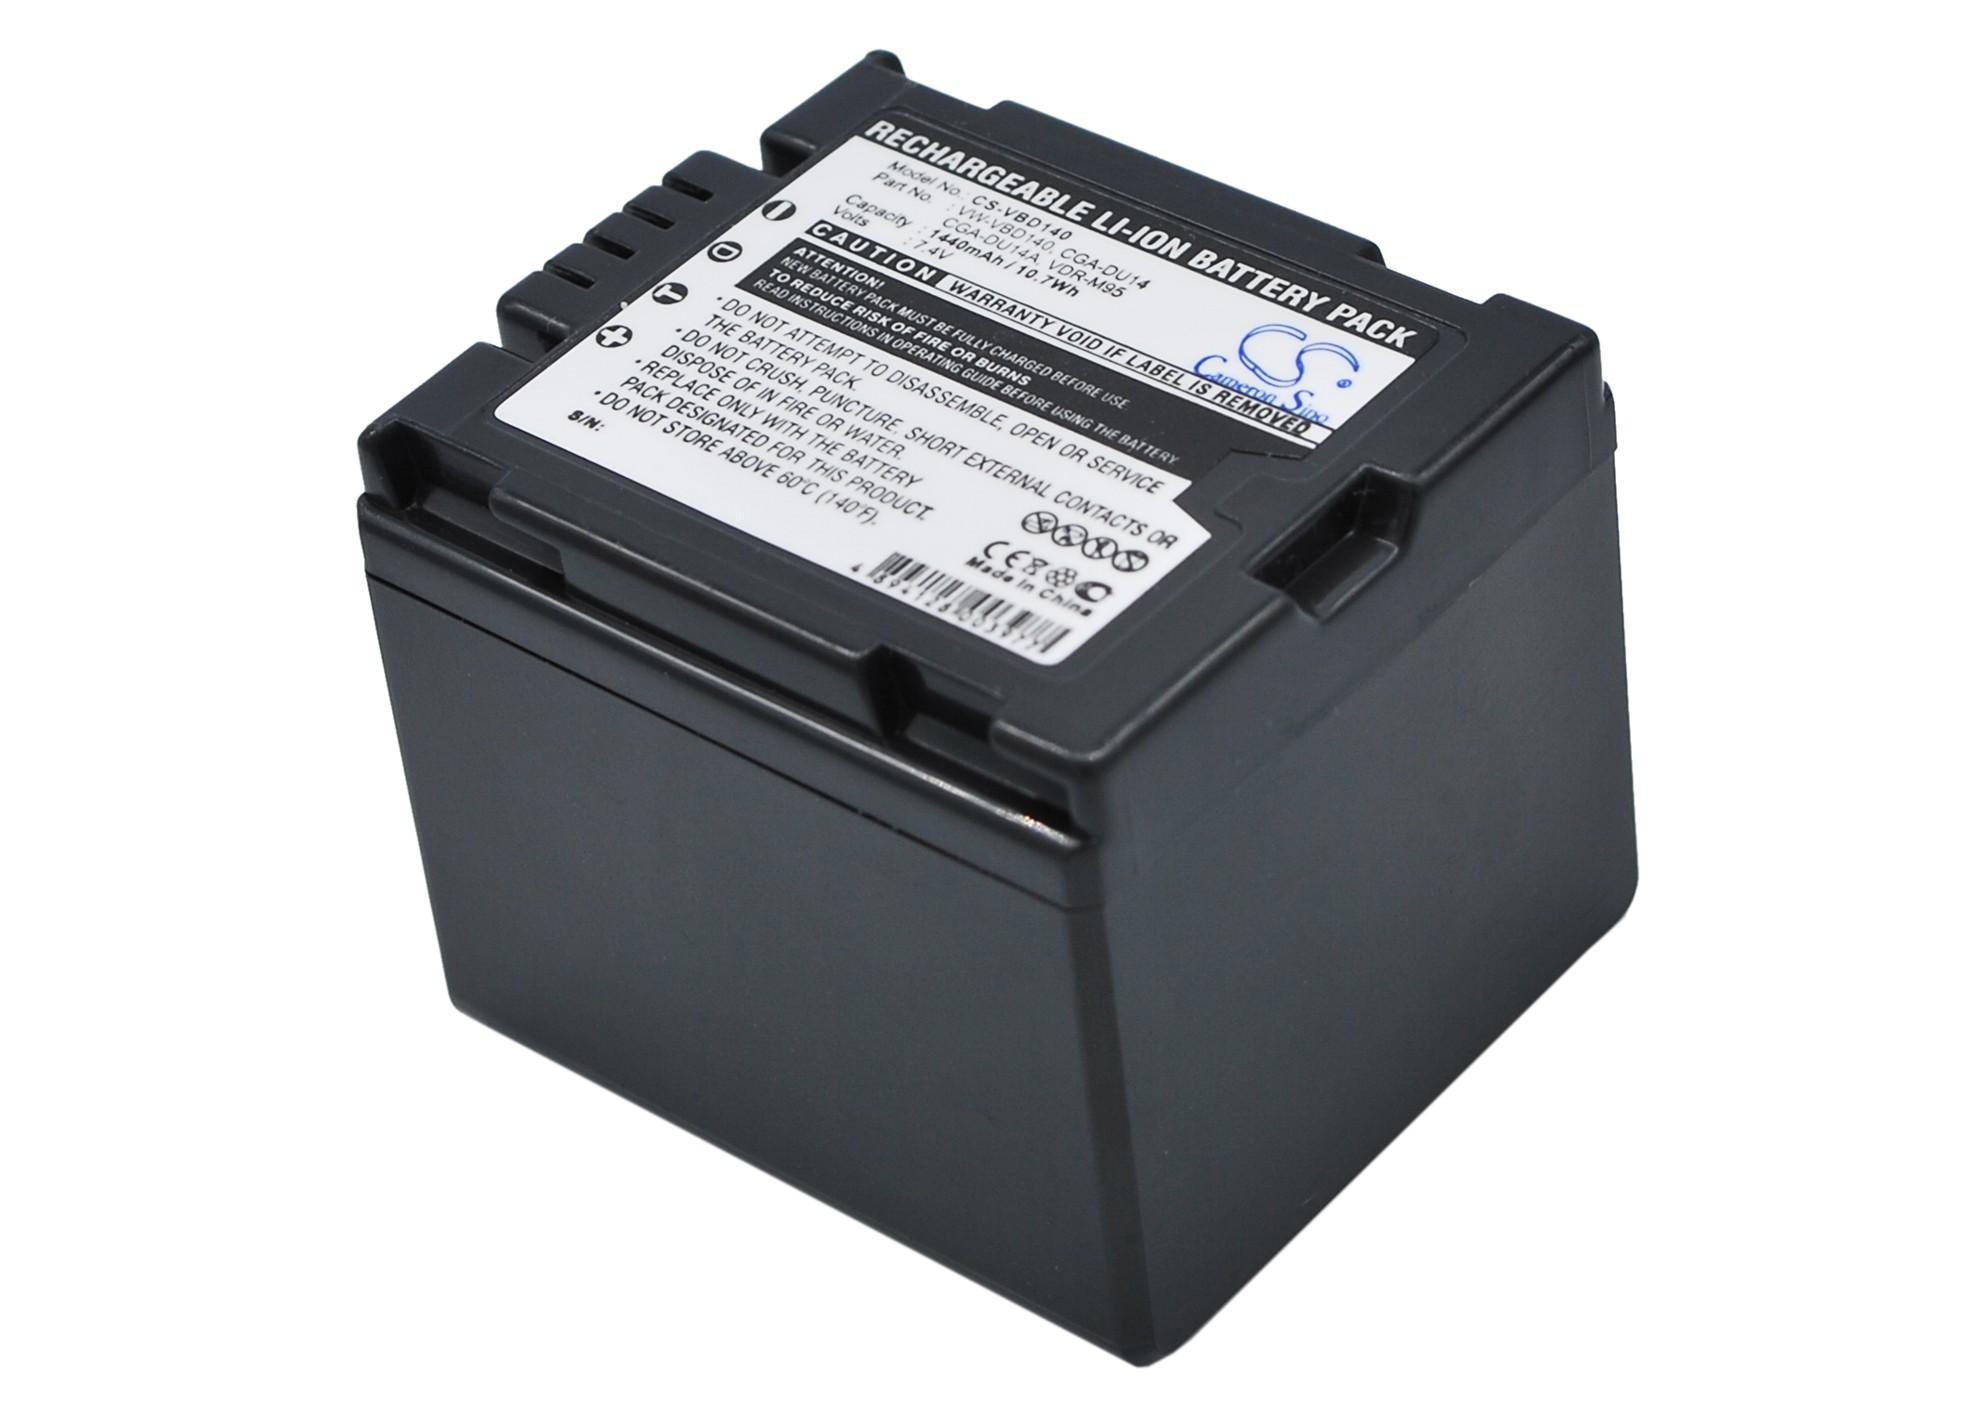 Cameron Sino baterie do kamer a fotoaparátů pro PANASONIC NV-GS85 7.4V Li-ion 1440mAh tmavě šedá - neoriginální